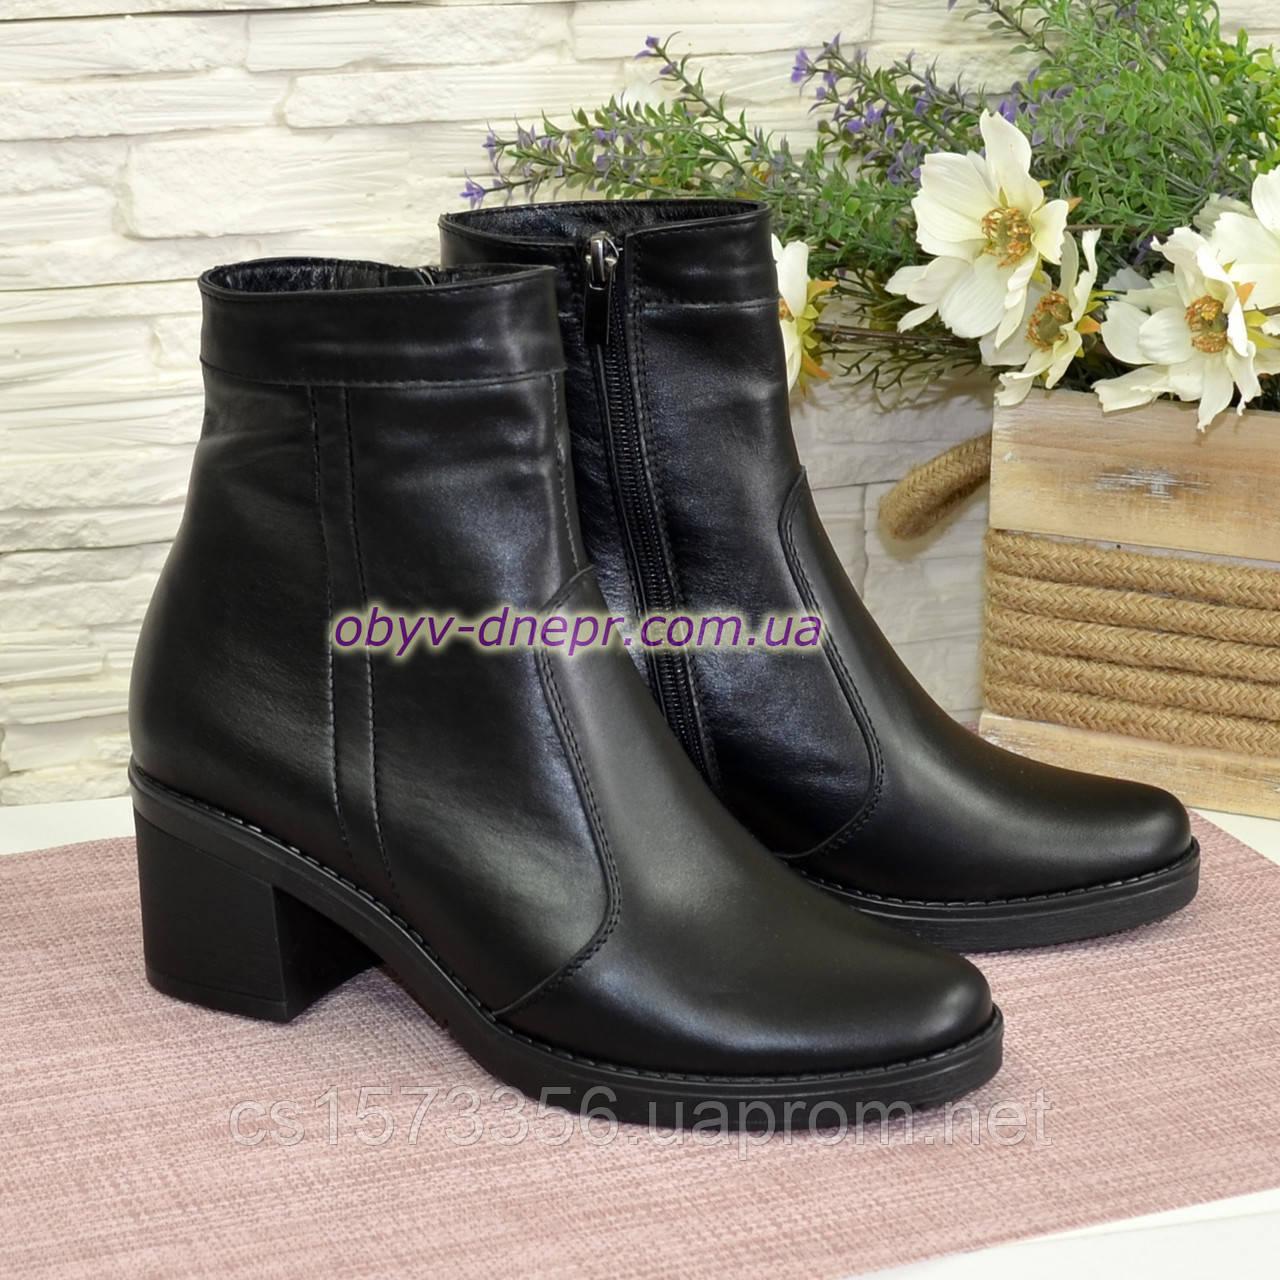 Ботинки женские демисезонные кожаные на невысоком каблуке